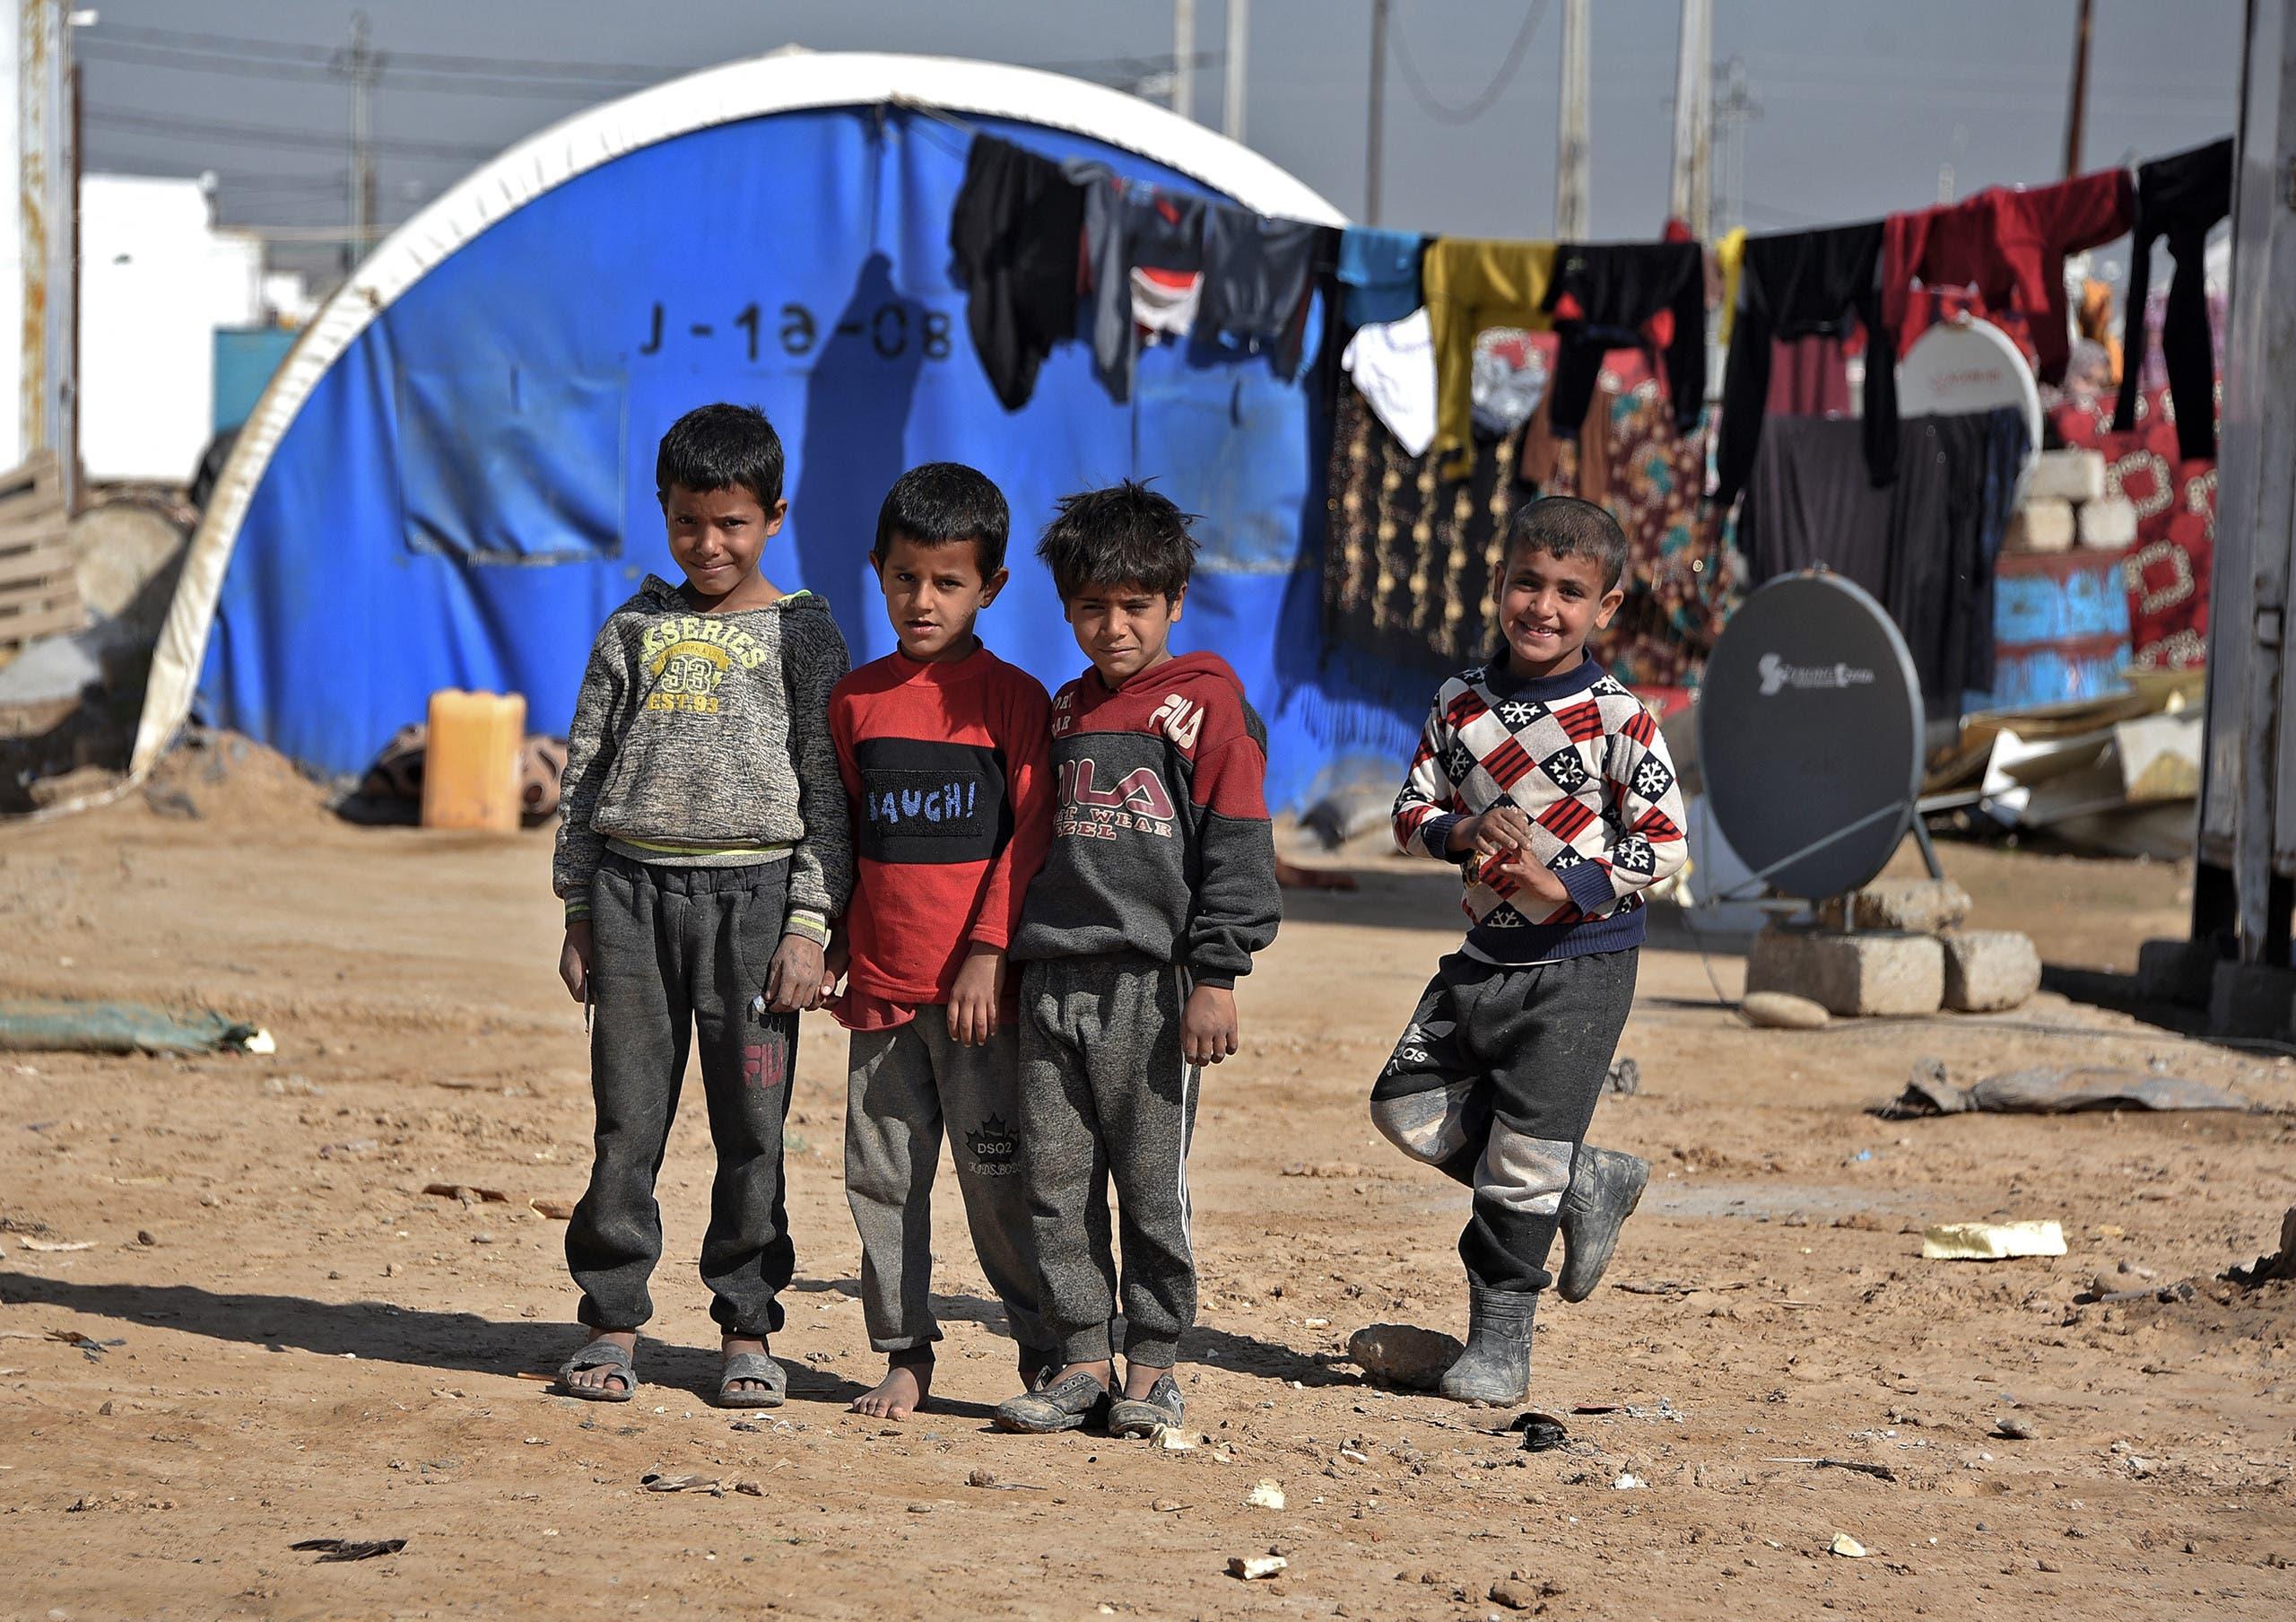 أطفال في مخيم الجدعة بالعراق (فرانس برس)